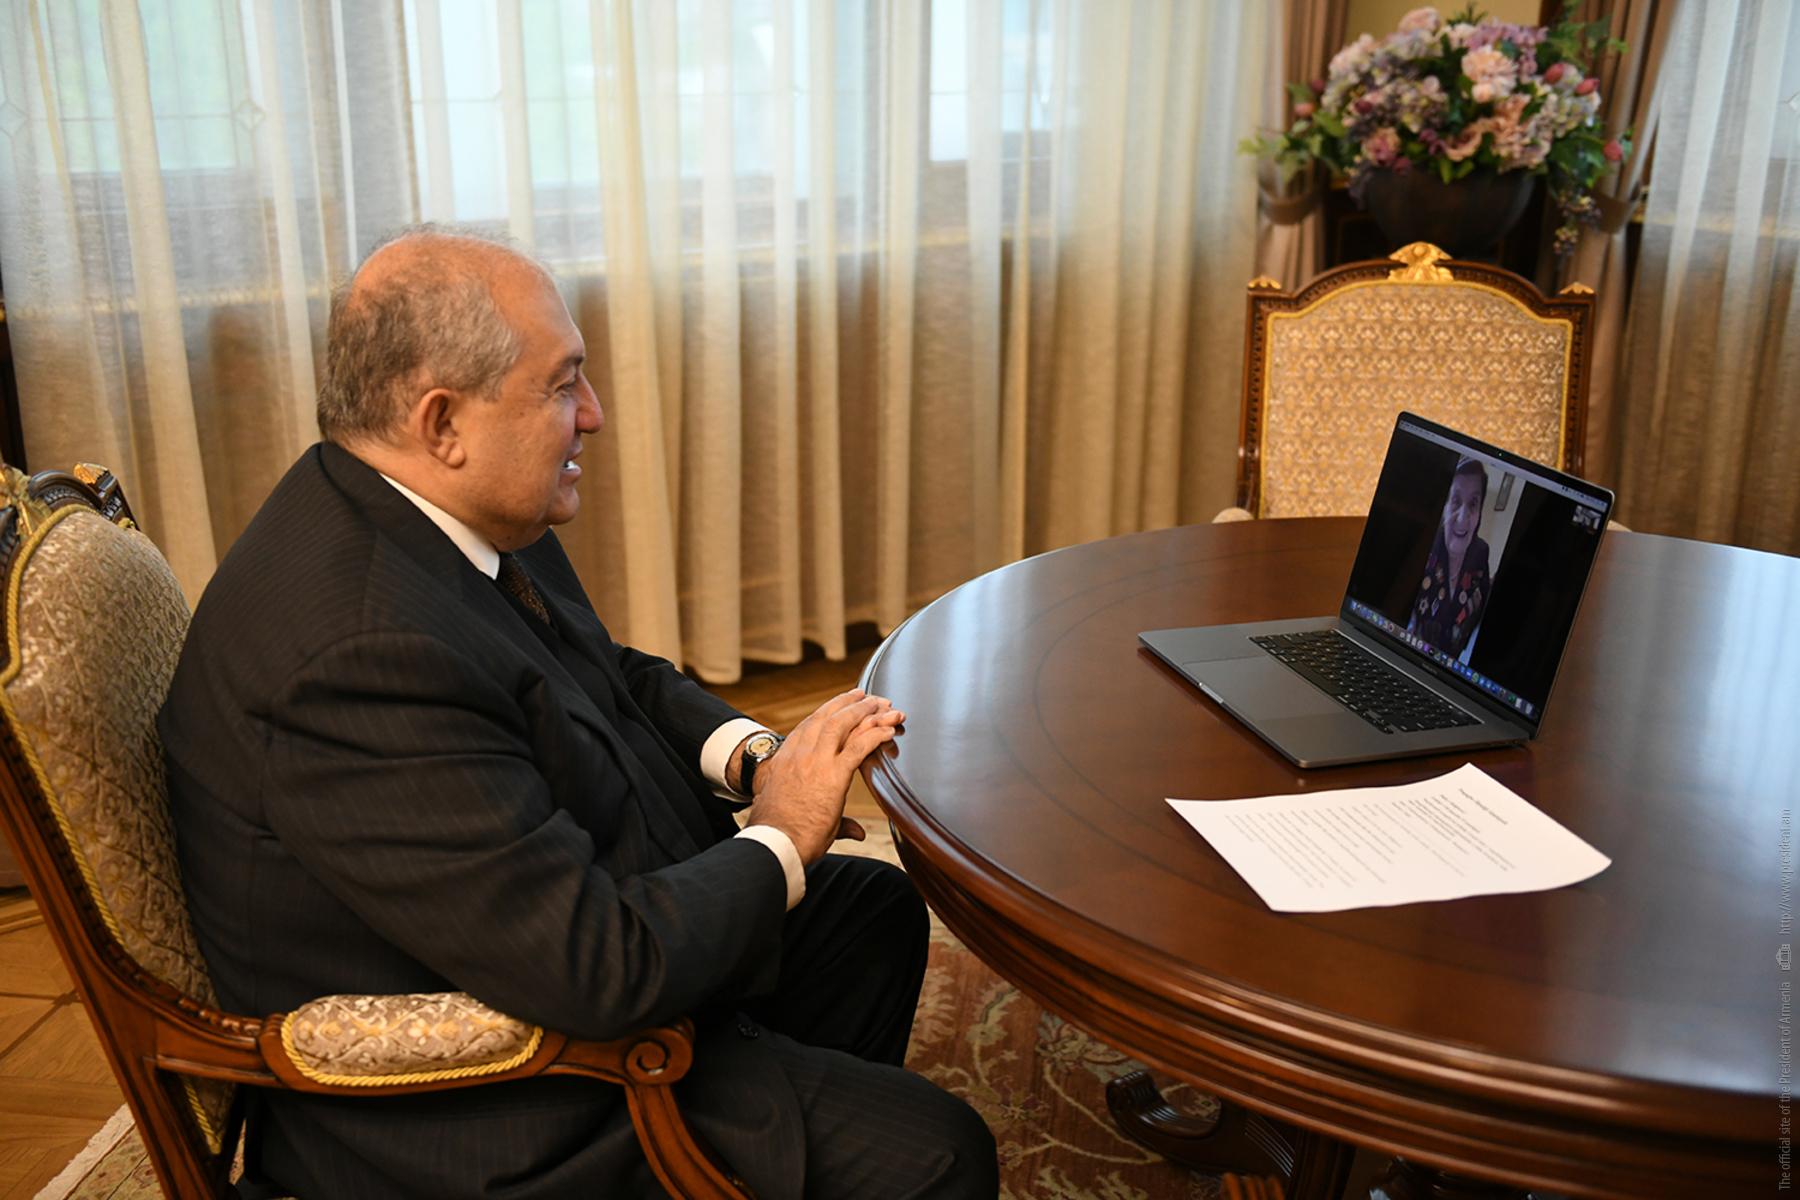 Важнейшим залогом Победы было единство – Президент Армен Саркисян побеседовал в дистанционном формате с ветераном Розалией Абгарян